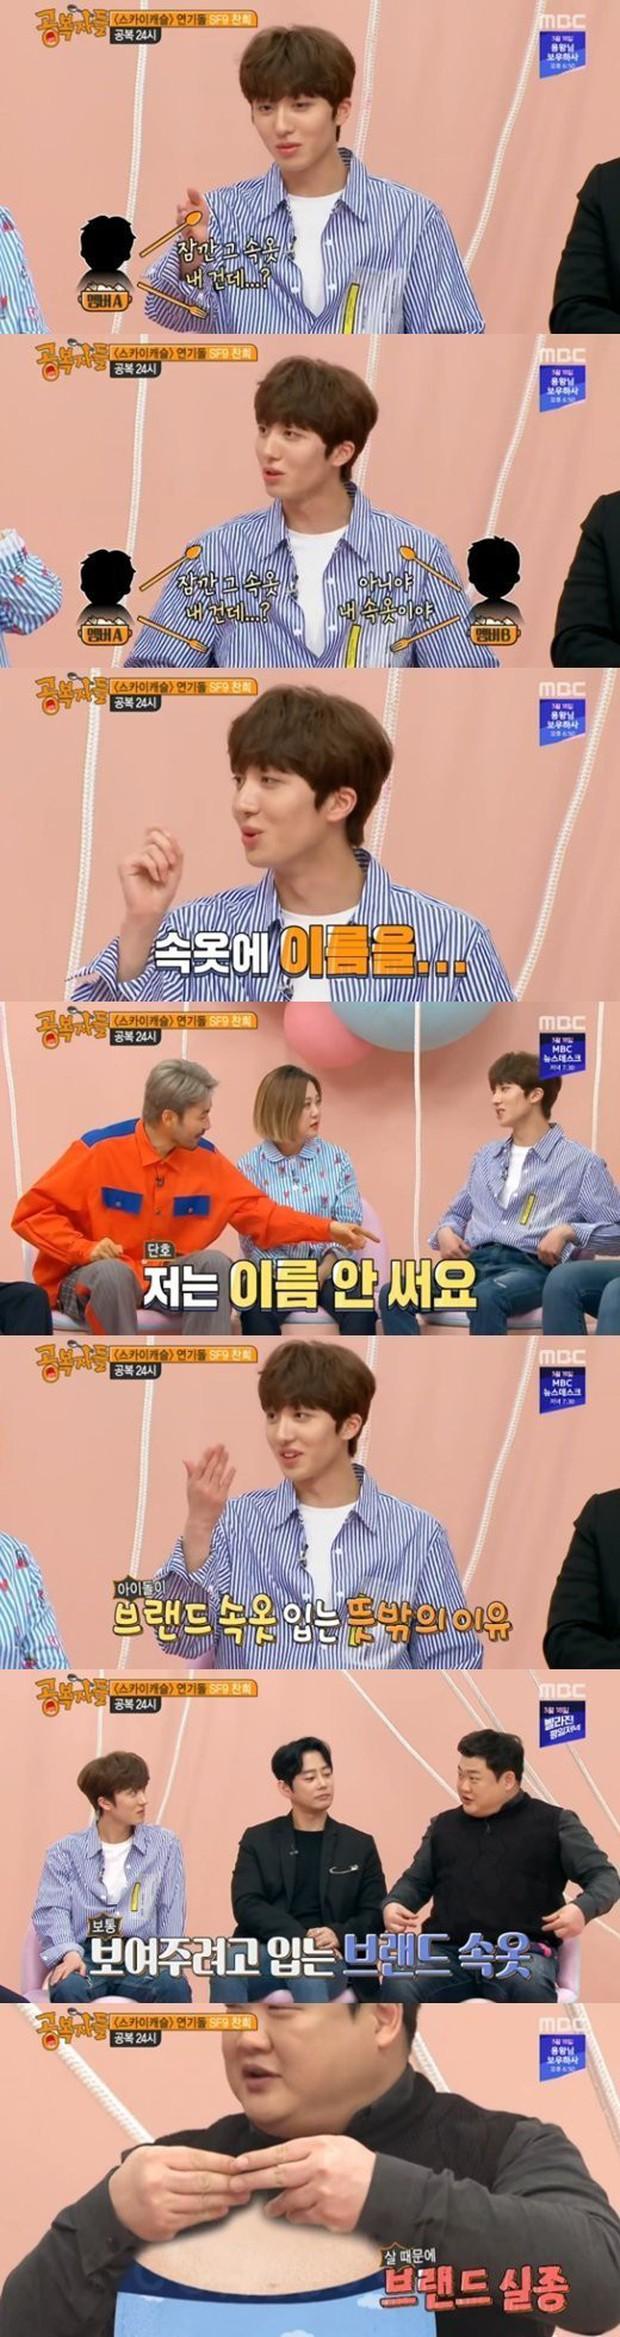 Nam Idol say sưa tiết lộ cách các thành viên chung nhóm phân biệt... đồ lót của nhau - Ảnh 1.